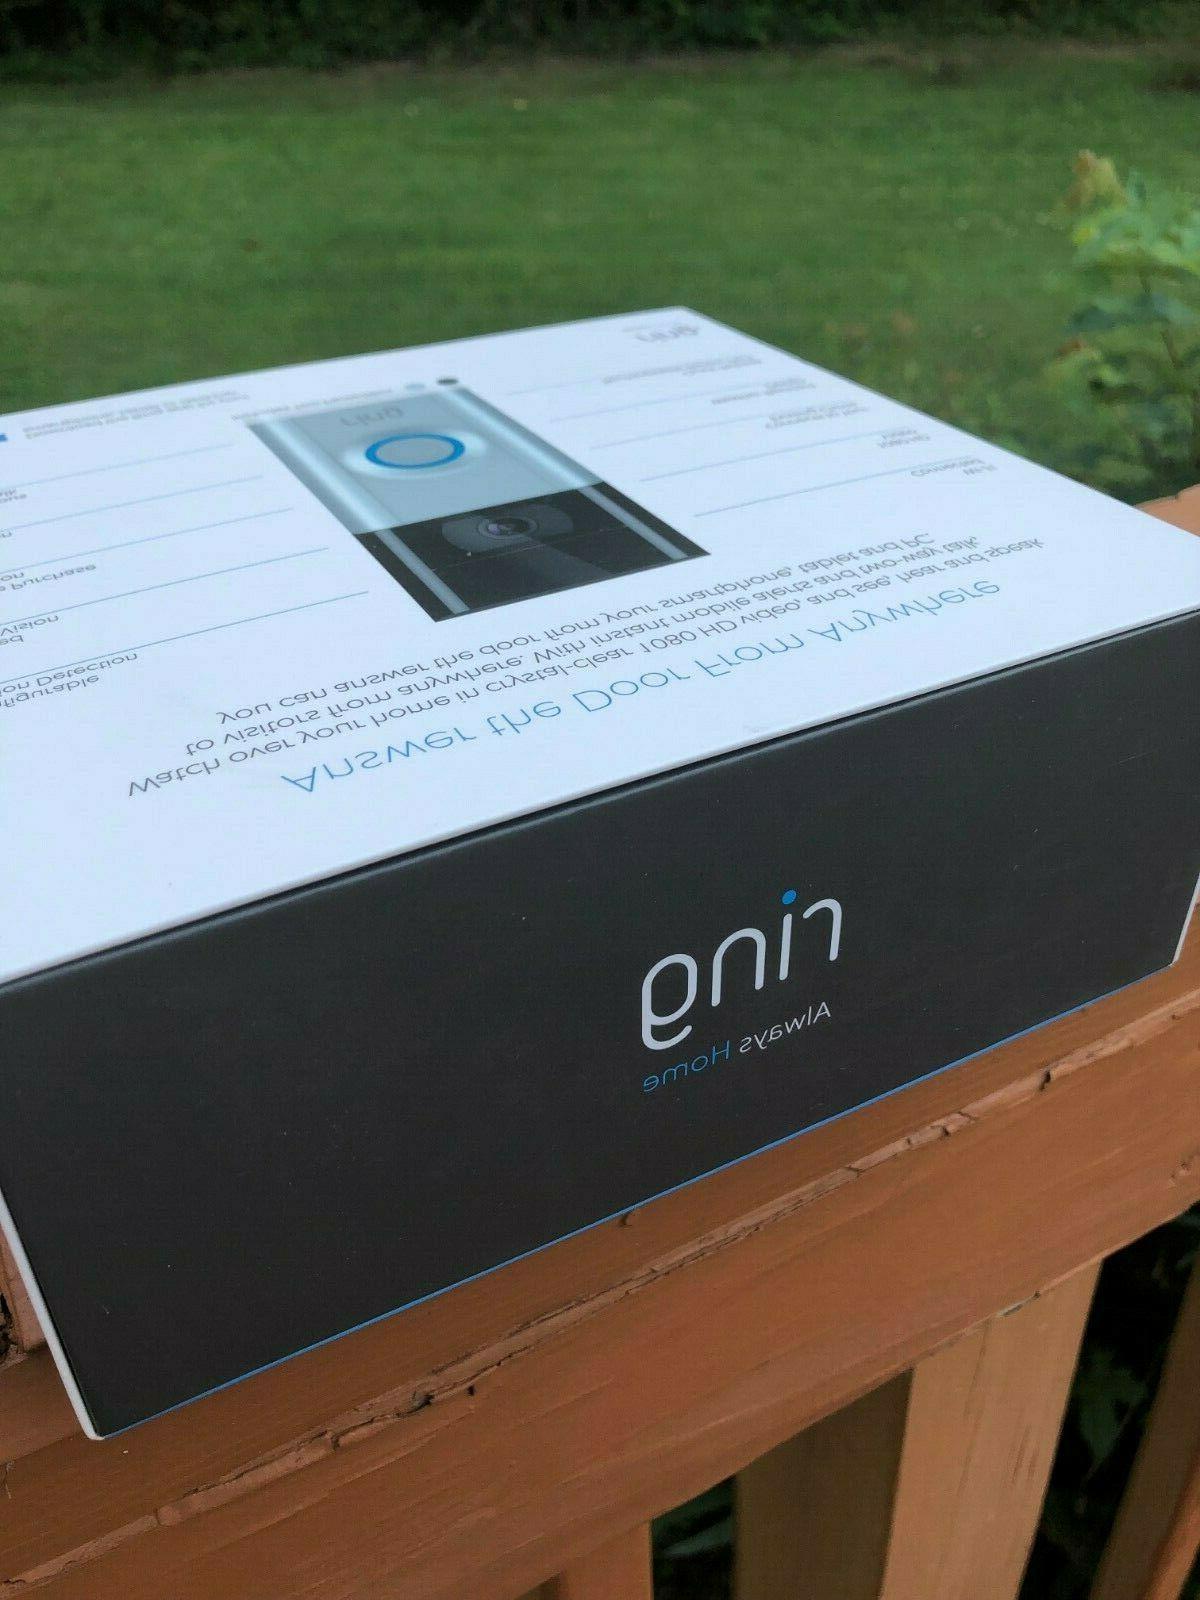 BRAND NEW! Ring Video Doorbell 2 Wire-Free Video Doorbell Year Warranty!